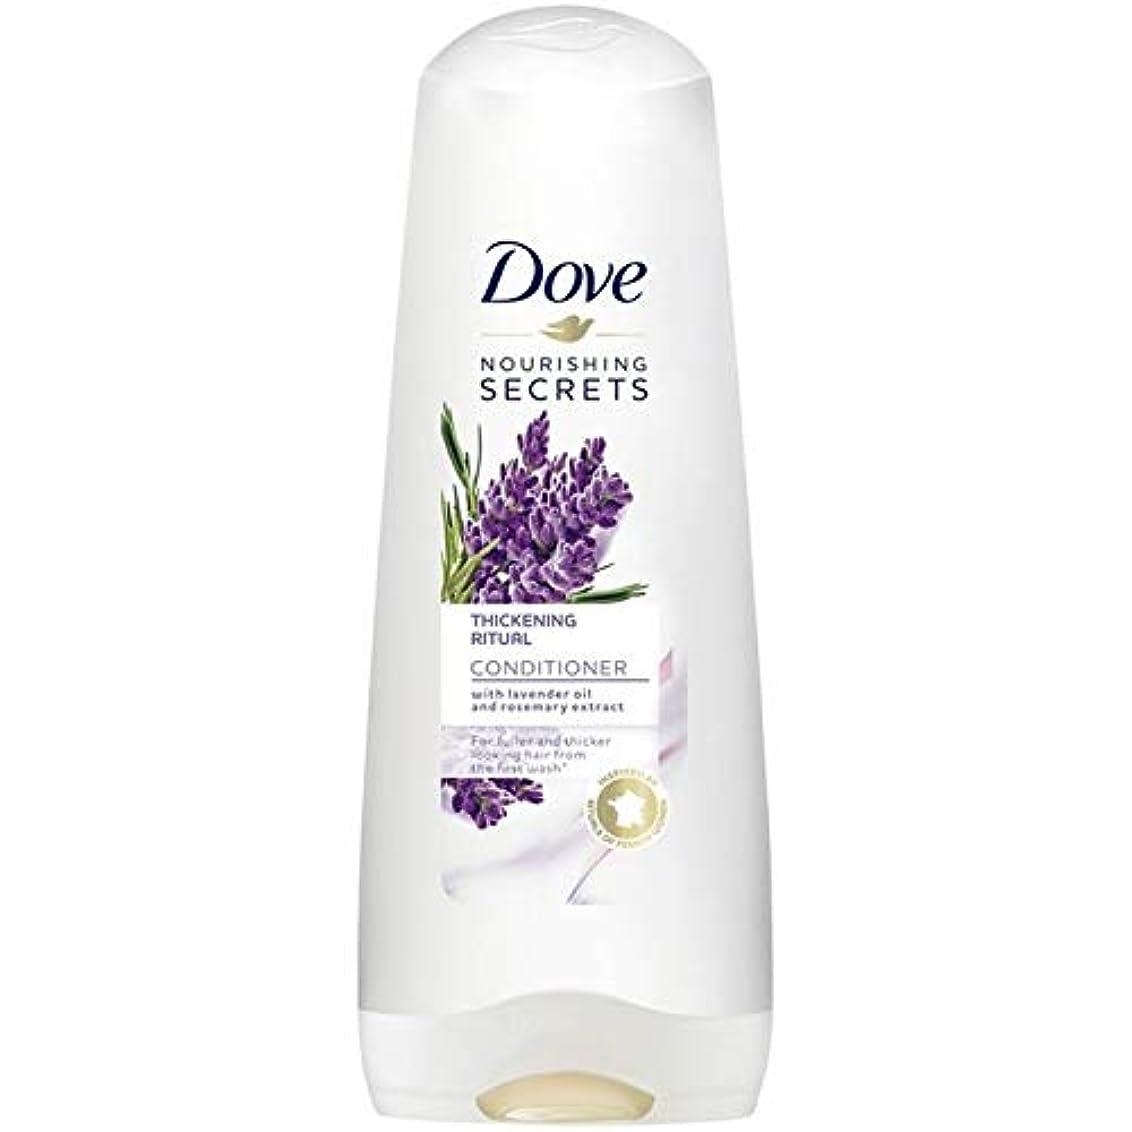 今まで近似スカイ[Dove ] 儀式コンディショナー350ミリリットルを厚く鳩栄養の秘密 - Dove Nourishing Secrets Thickening Ritual Conditioner 350ml [並行輸入品]